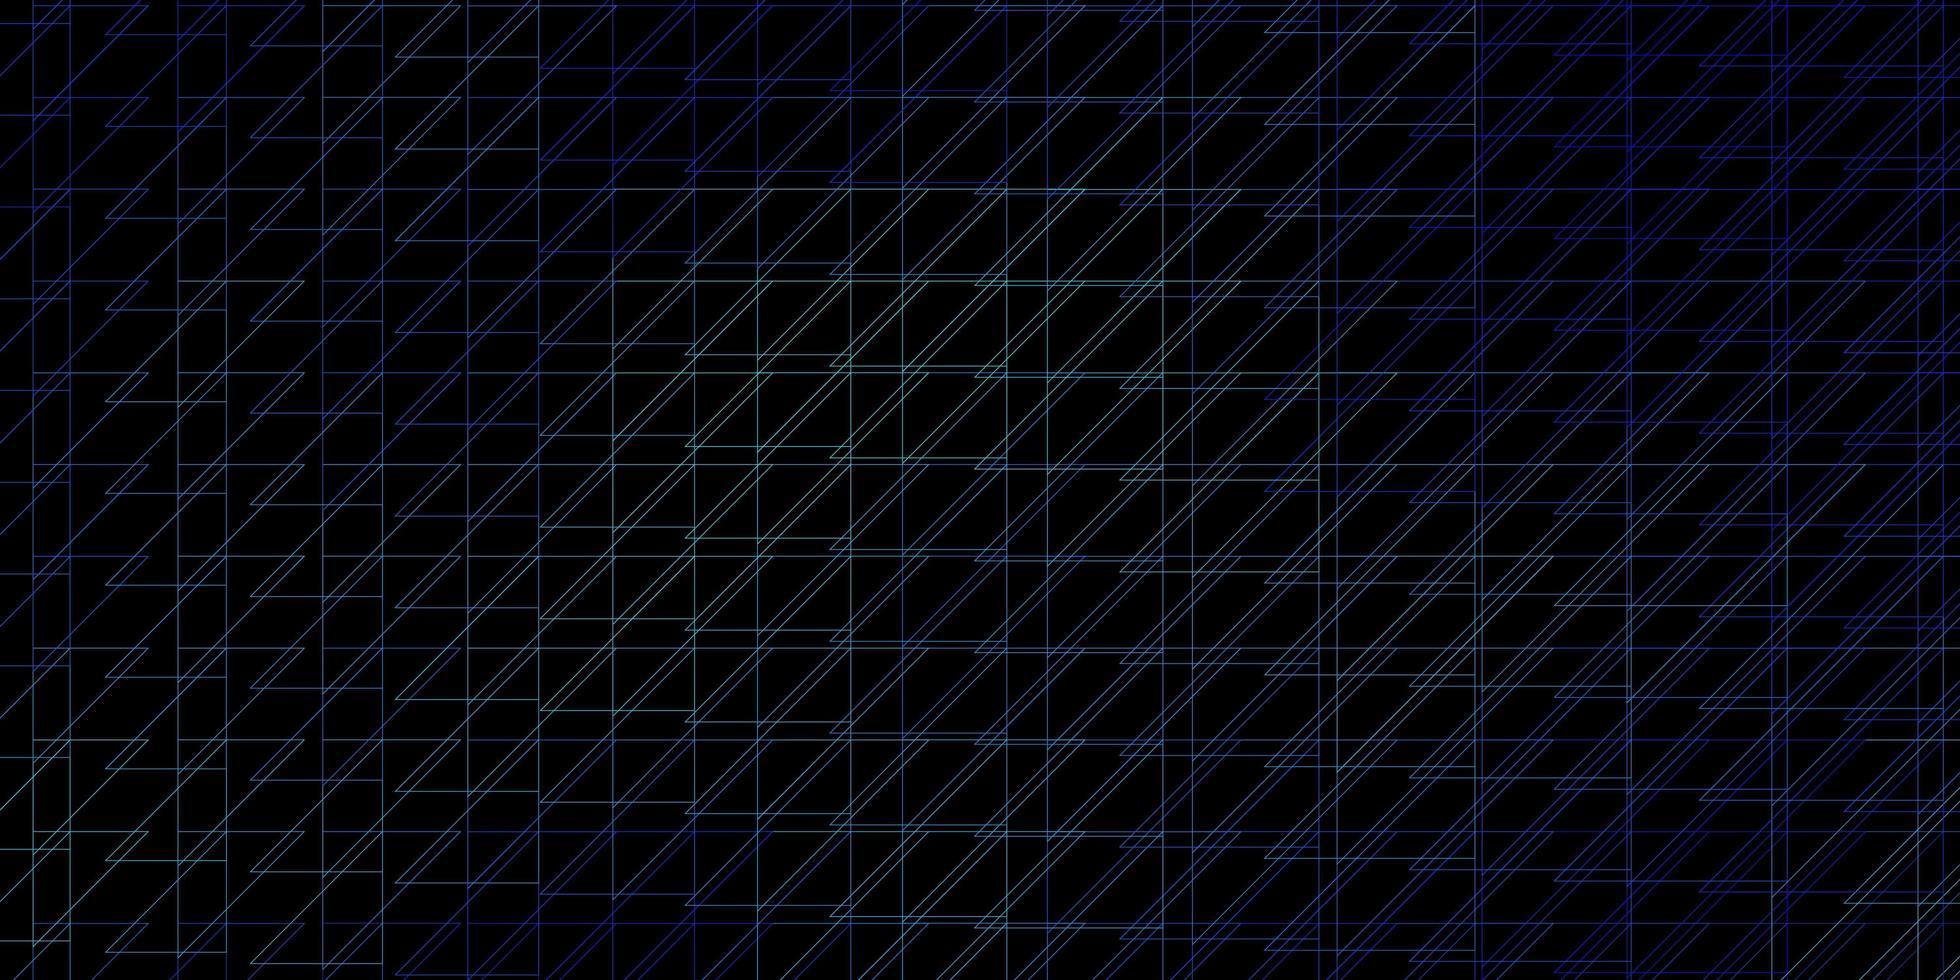 dunkles Layout mit blauen Linien. vektor